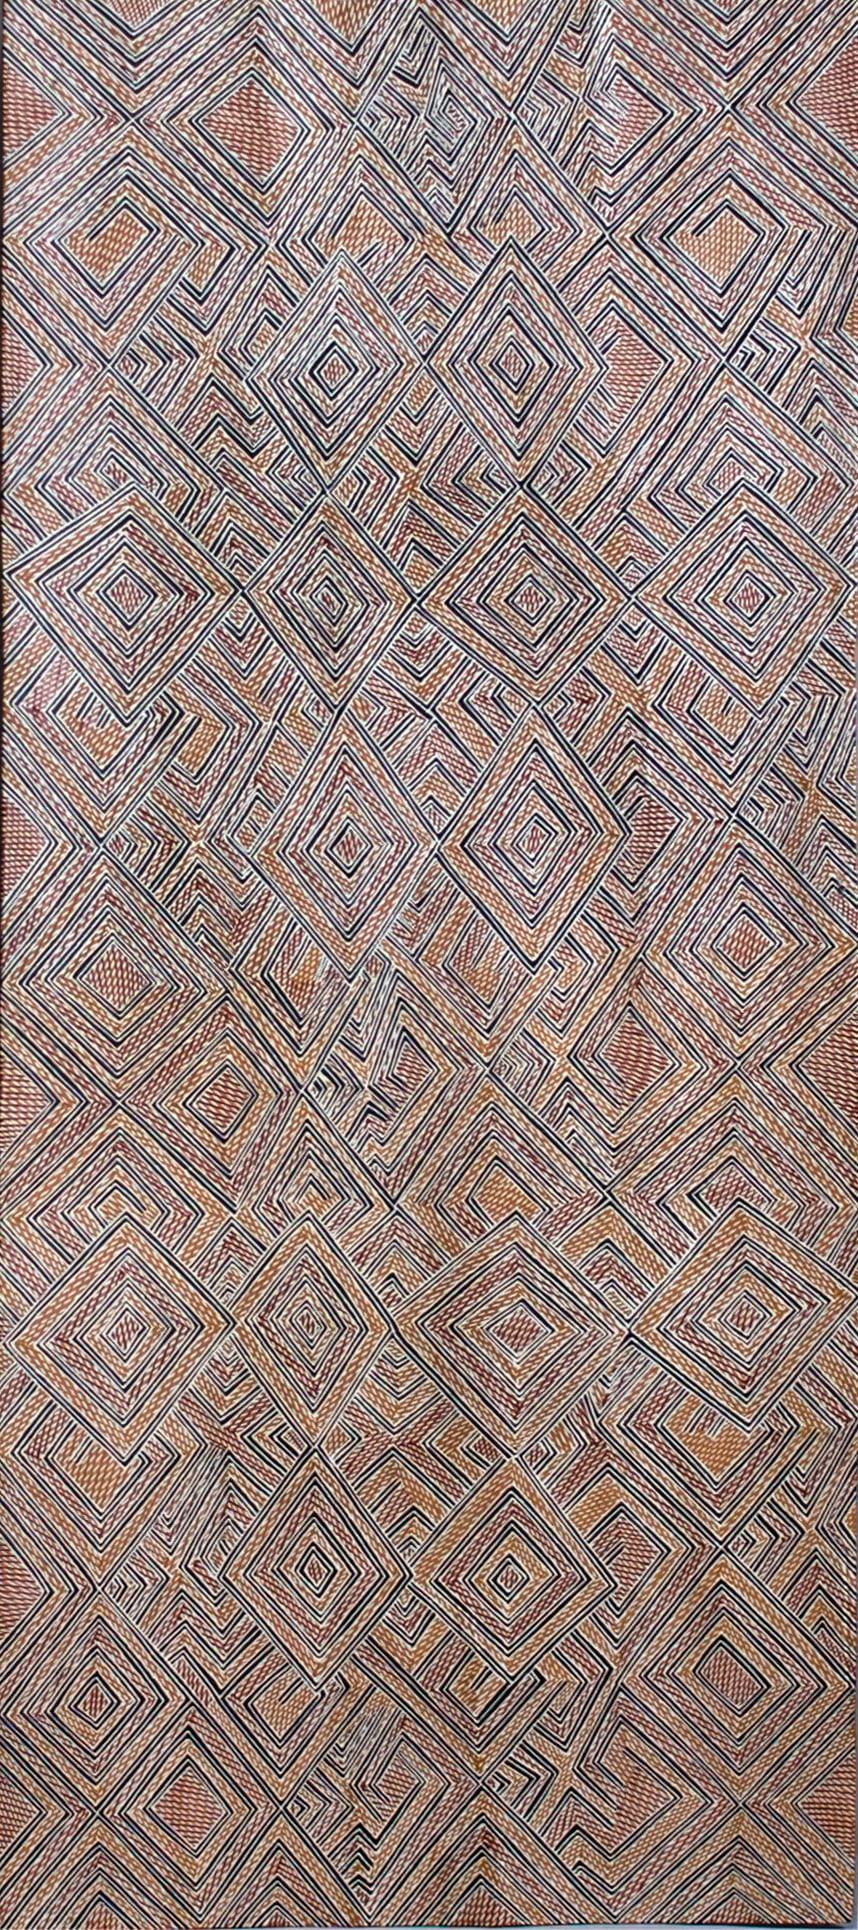 Garawan Wanambi Marranu Miny'tji natural earth pigment on bark 53 x 118 cm